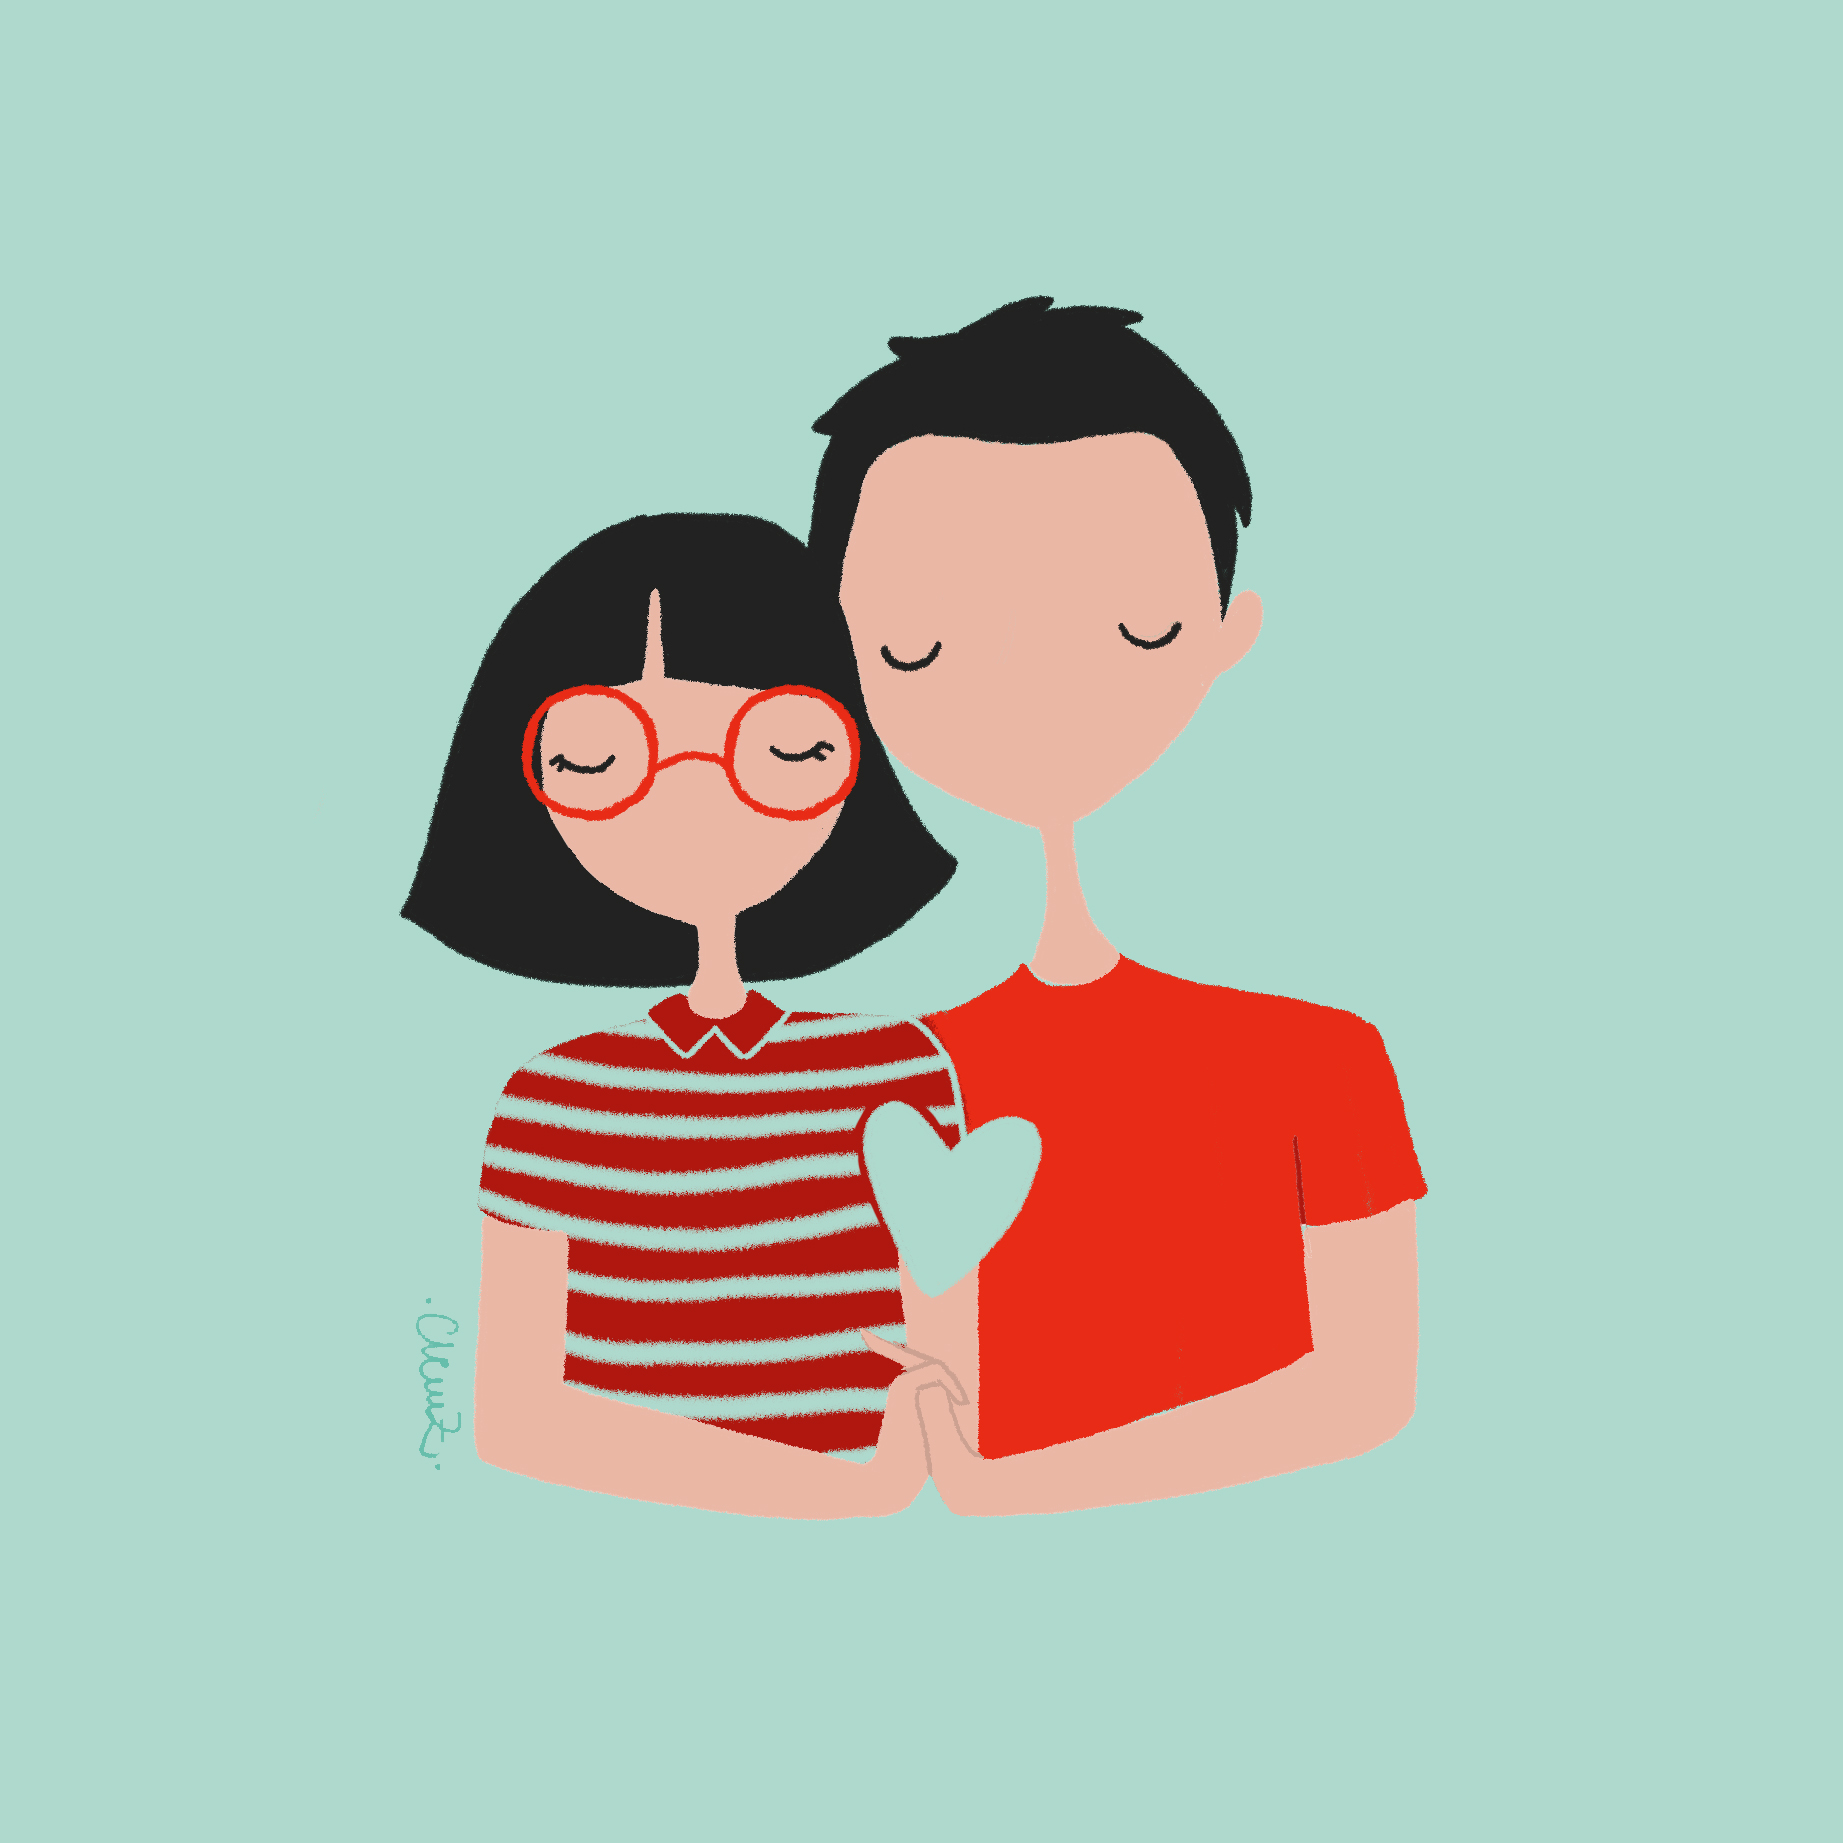 illustration amoureux - lyon - paris - france